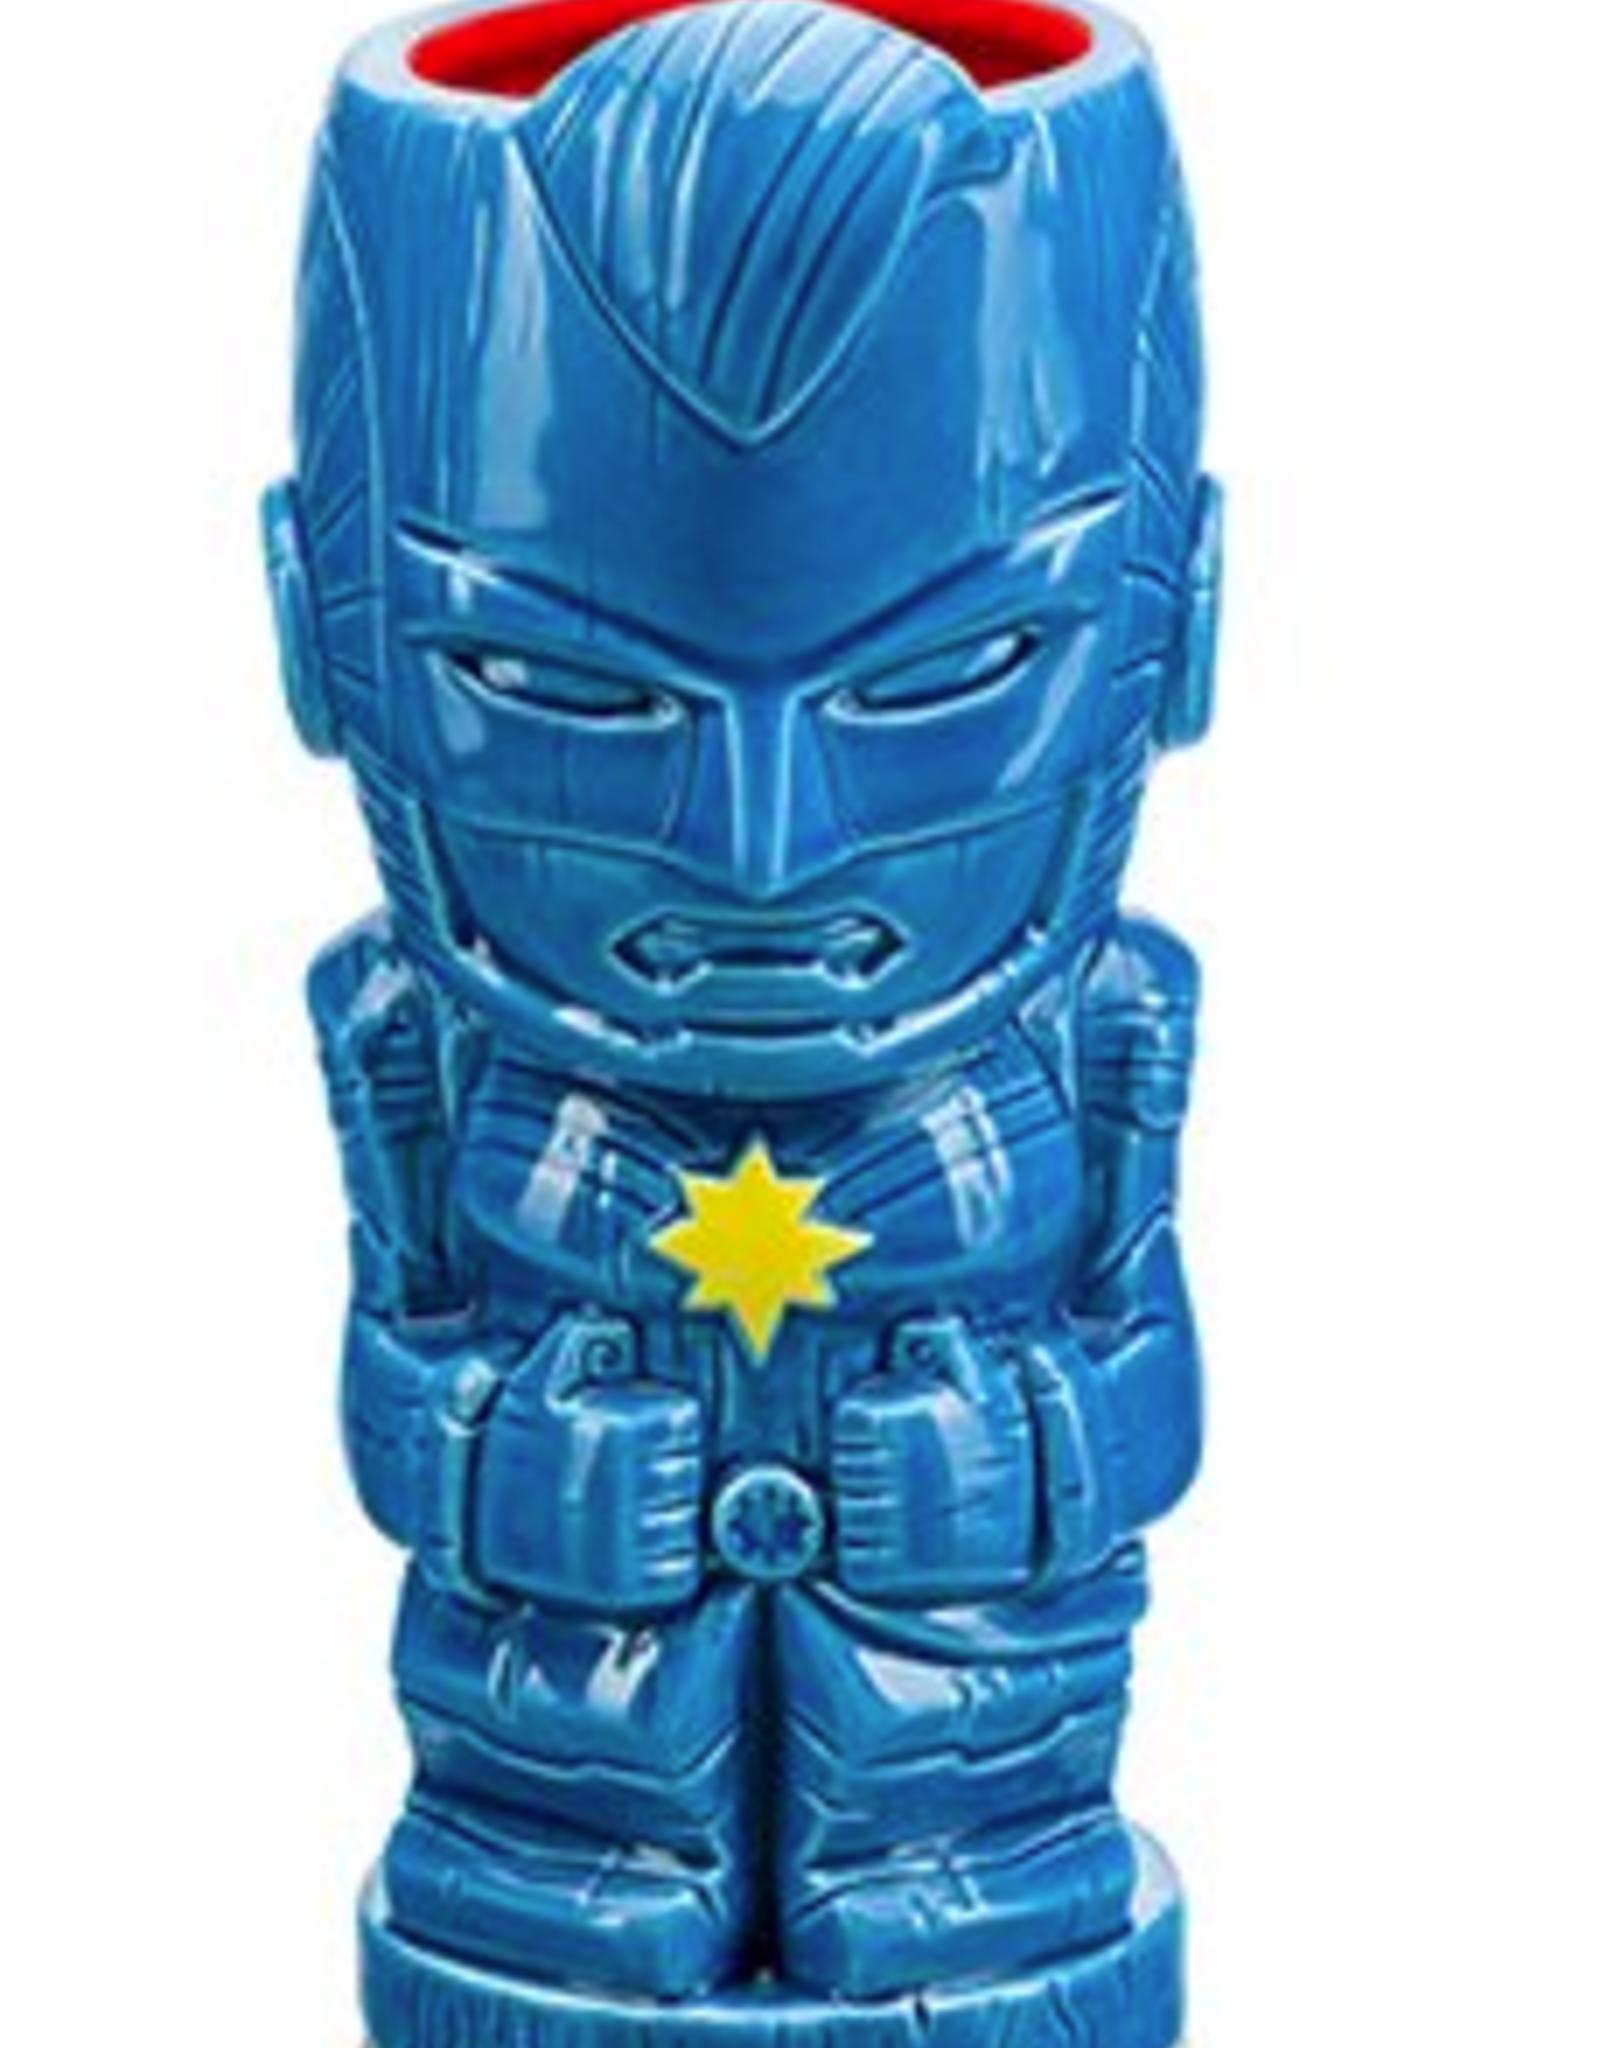 Geeki Tikis - Captain Marvel